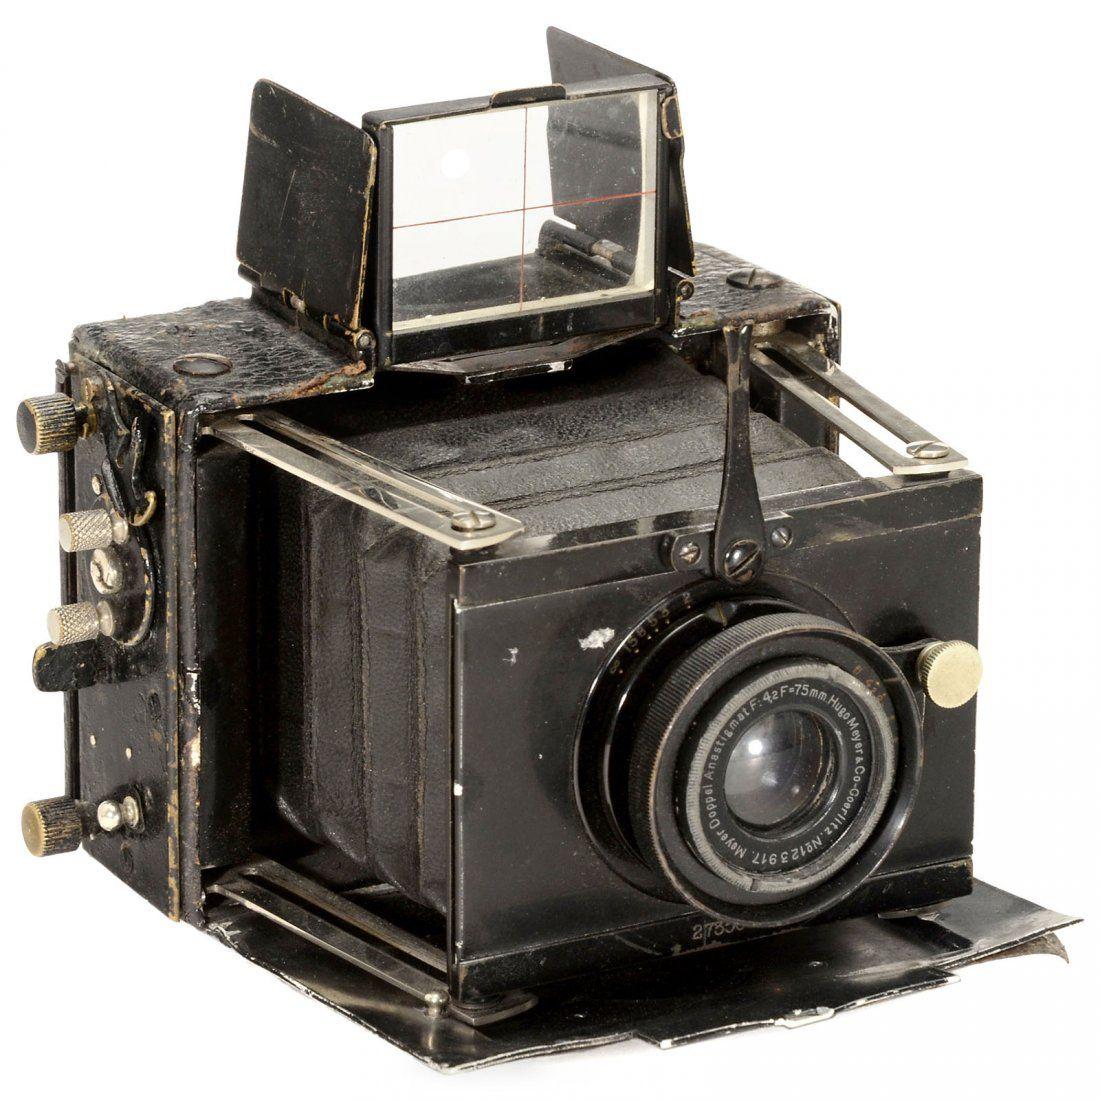 старинный немецкий фотоаппарат оценить день нептуна